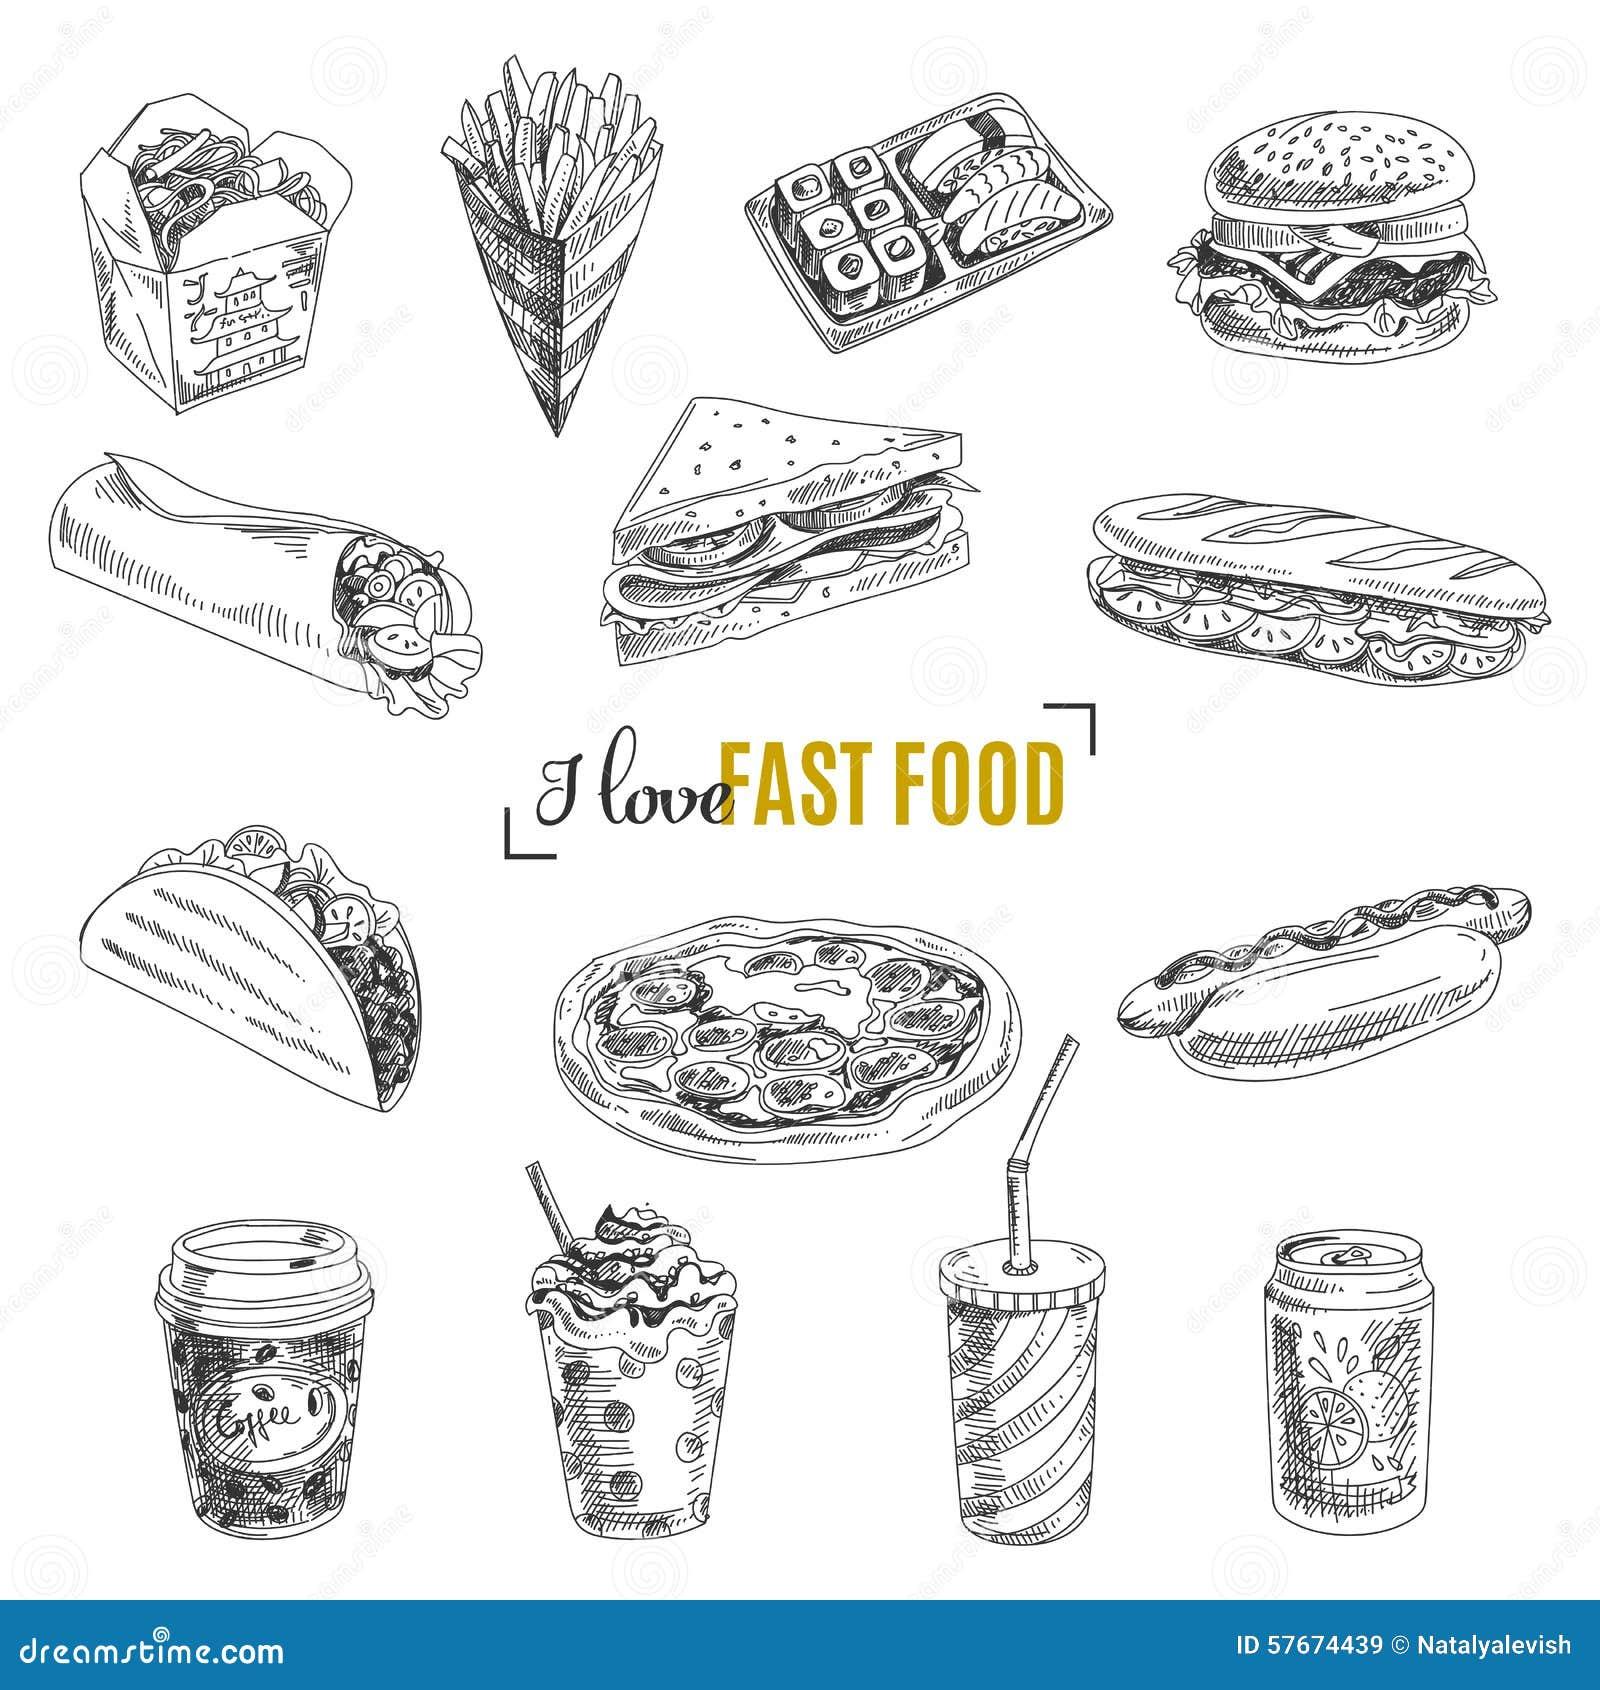 Διανυσματικό σύνολο γρήγορου φαγητού Απεικόνιση στο σκίτσο